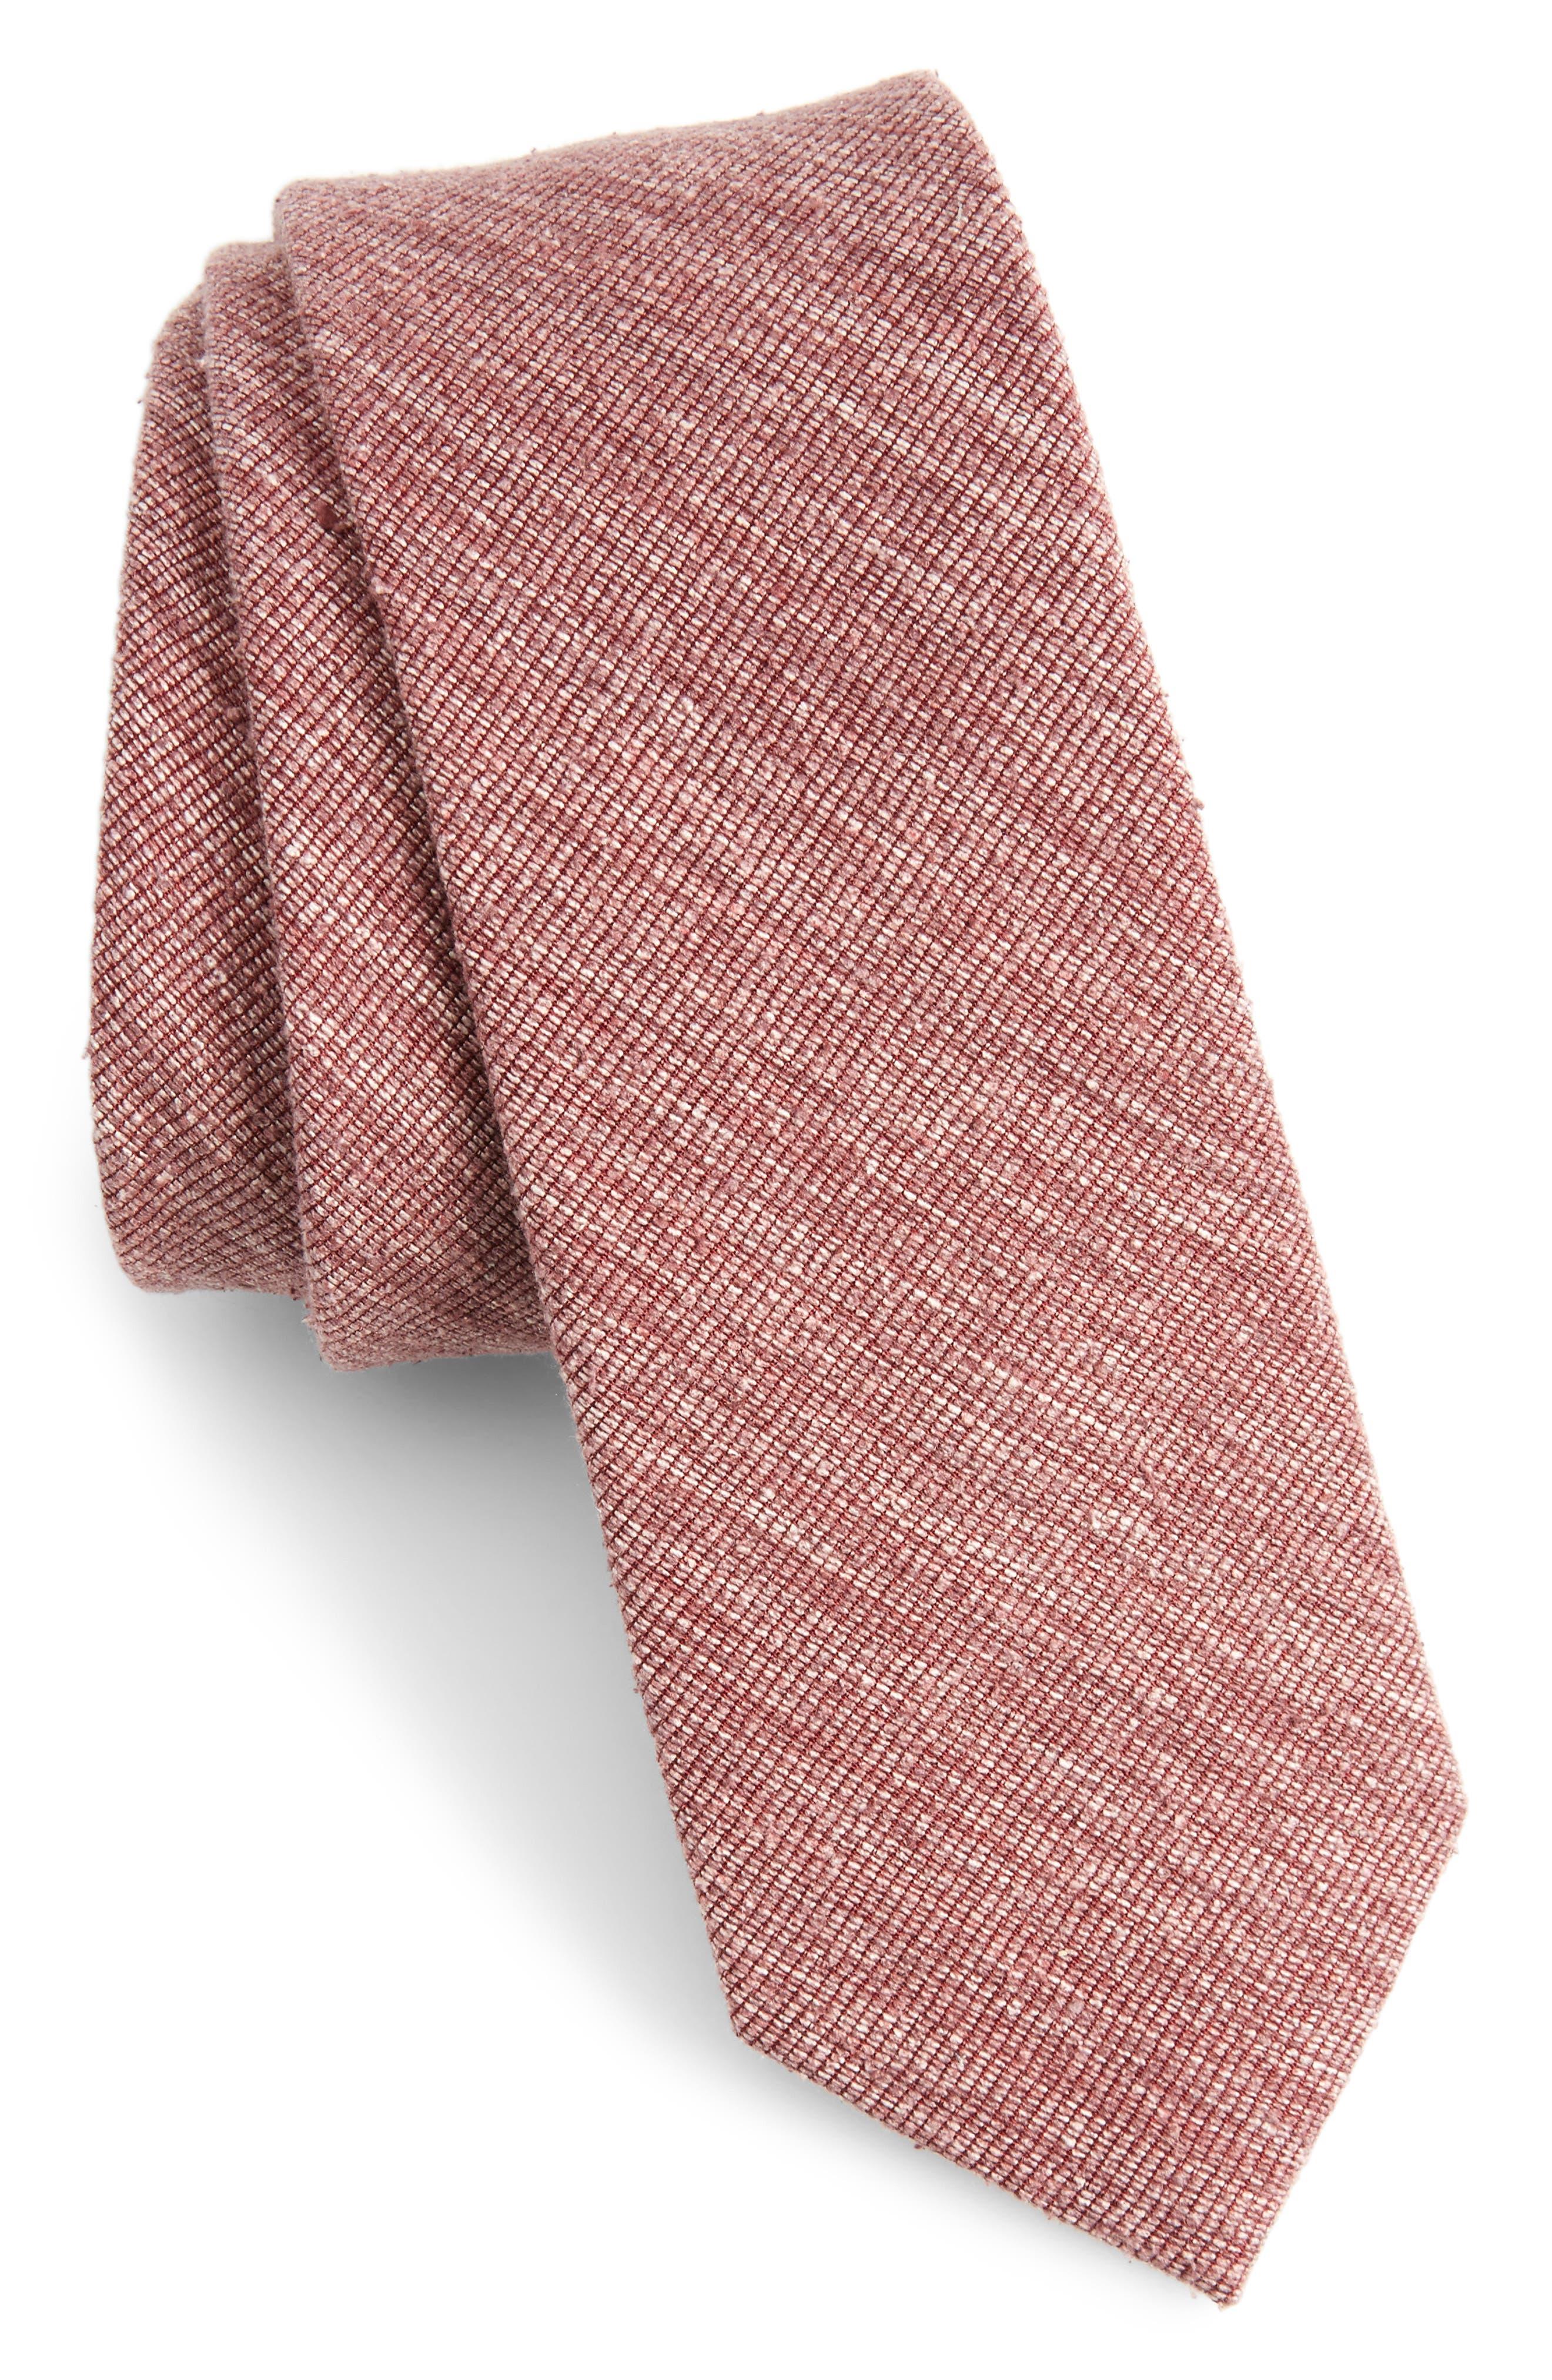 West Ridge Silk Skinny Tie,                         Main,                         color, Burgundy